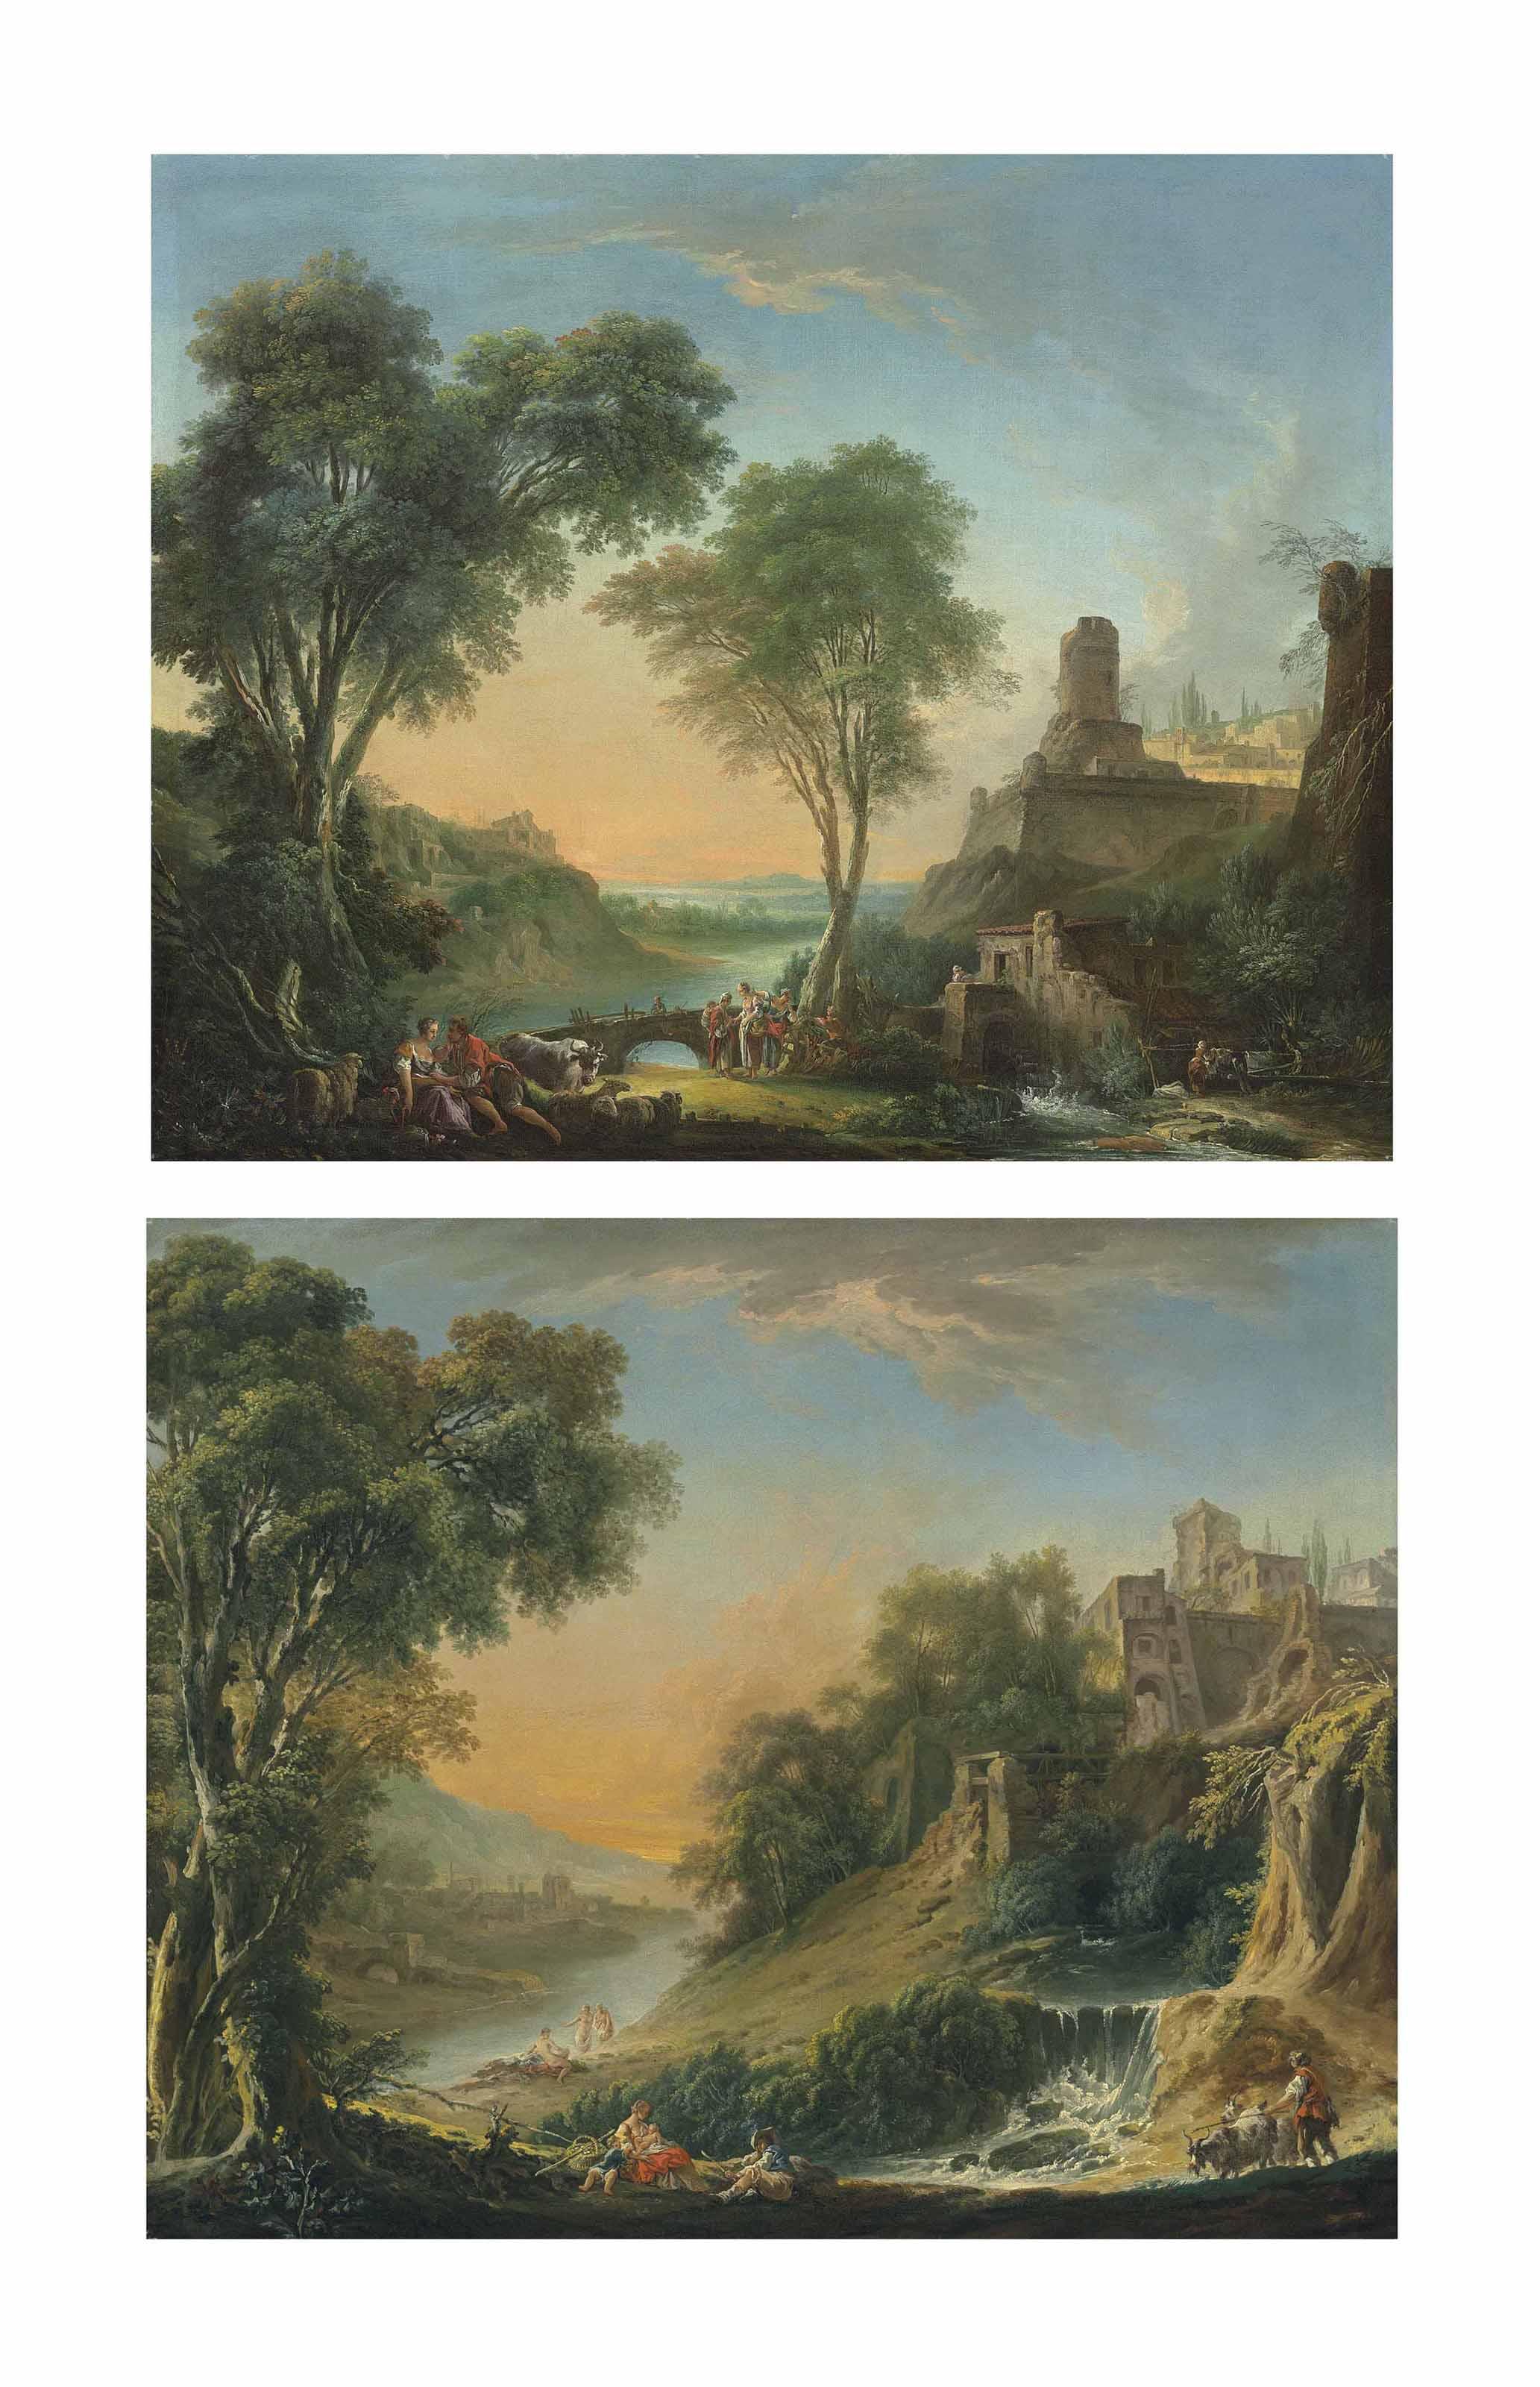 Un paysage pastoral au moulin (1) ; et Un paysage pastoral à la cascade (2)